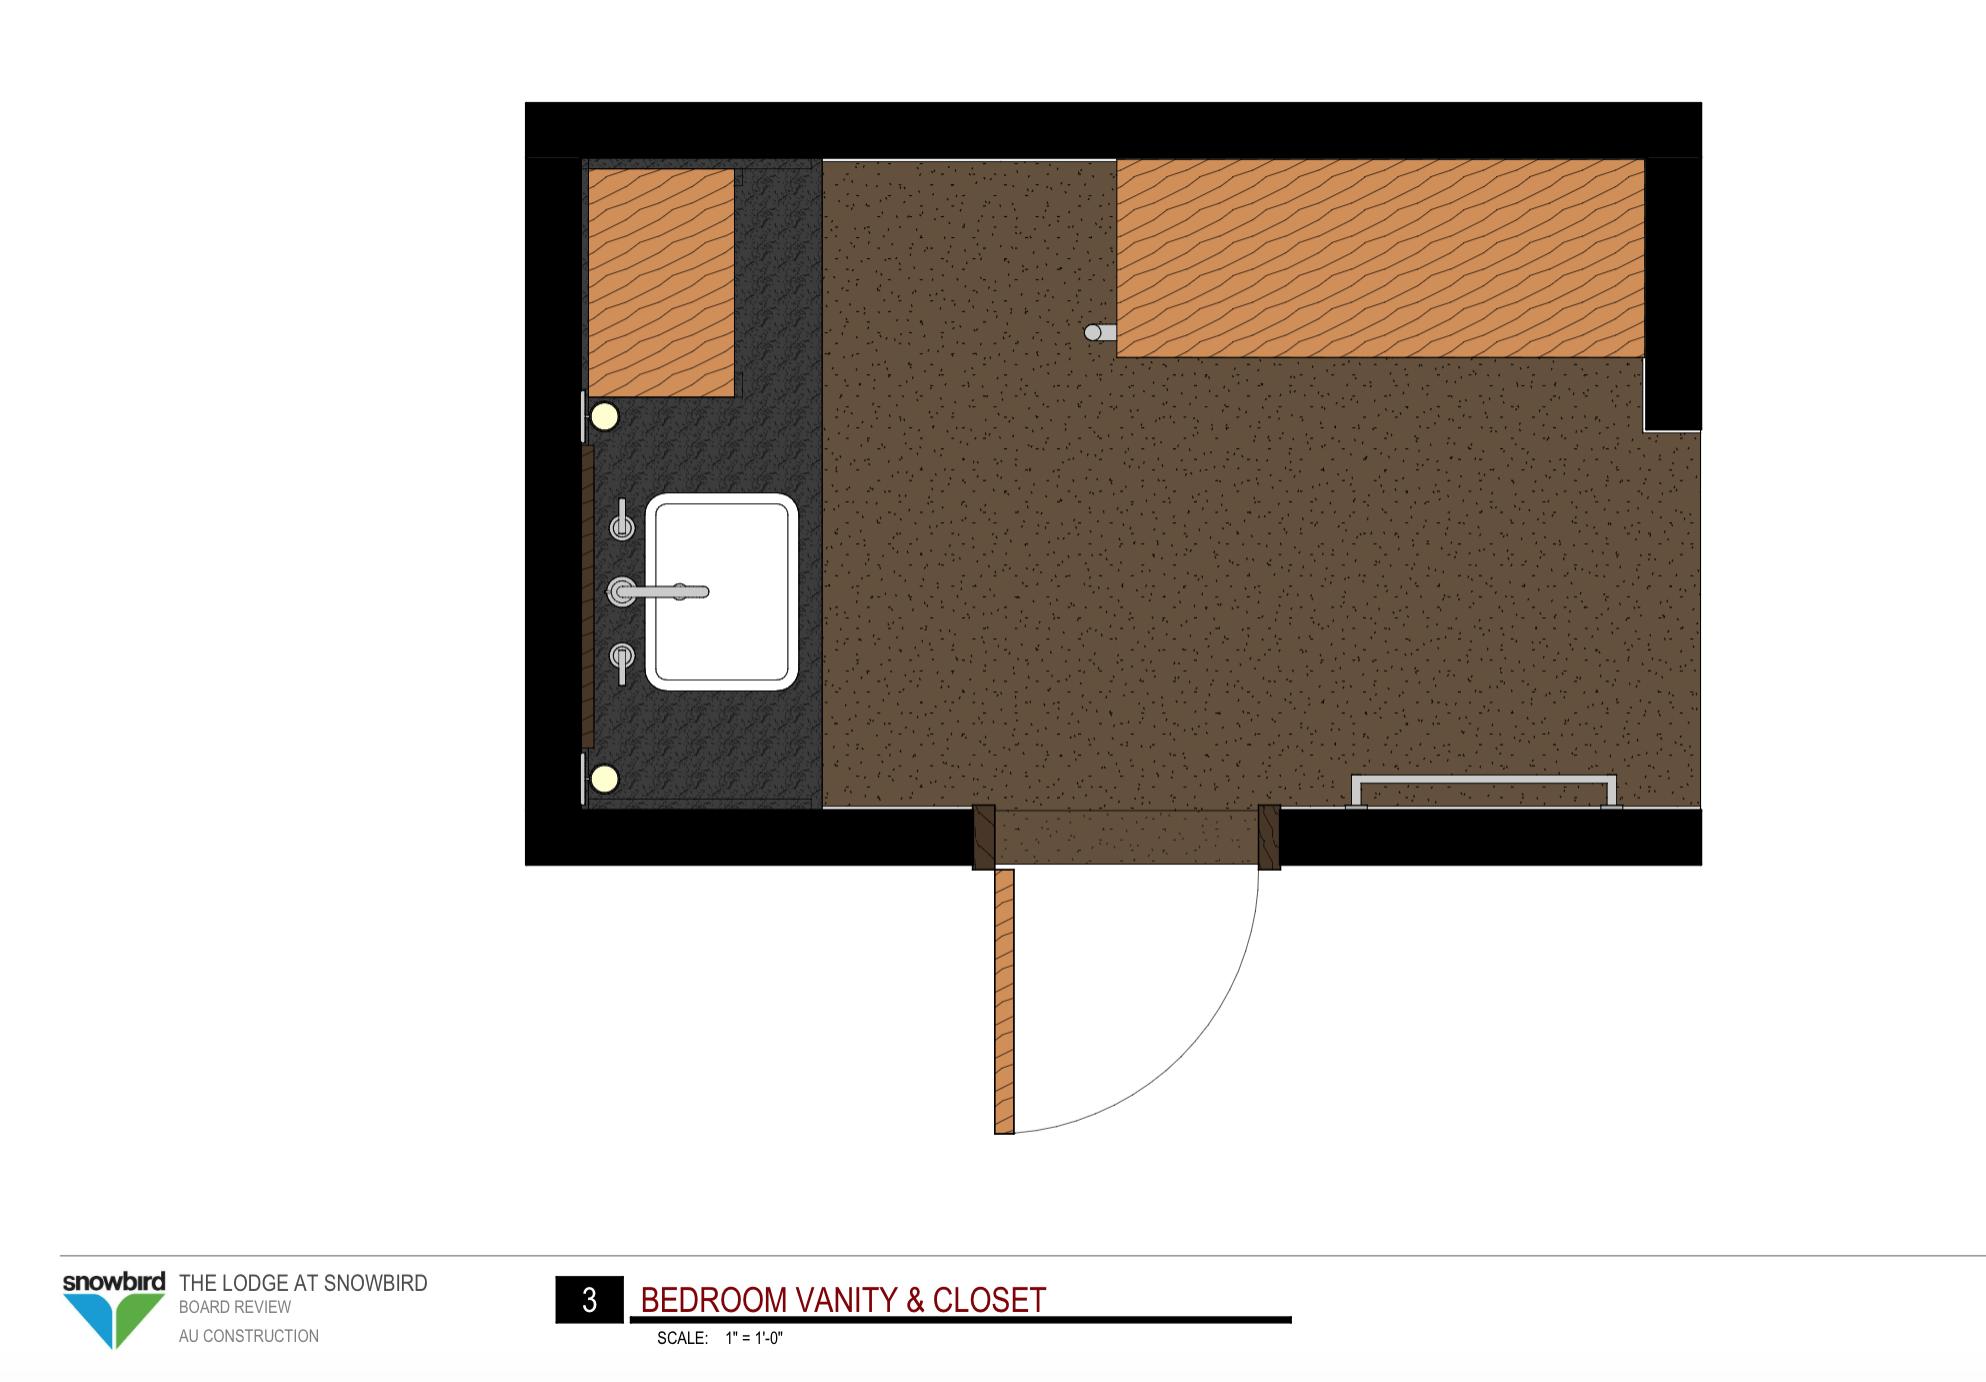 Bedroom Vanity & Closet